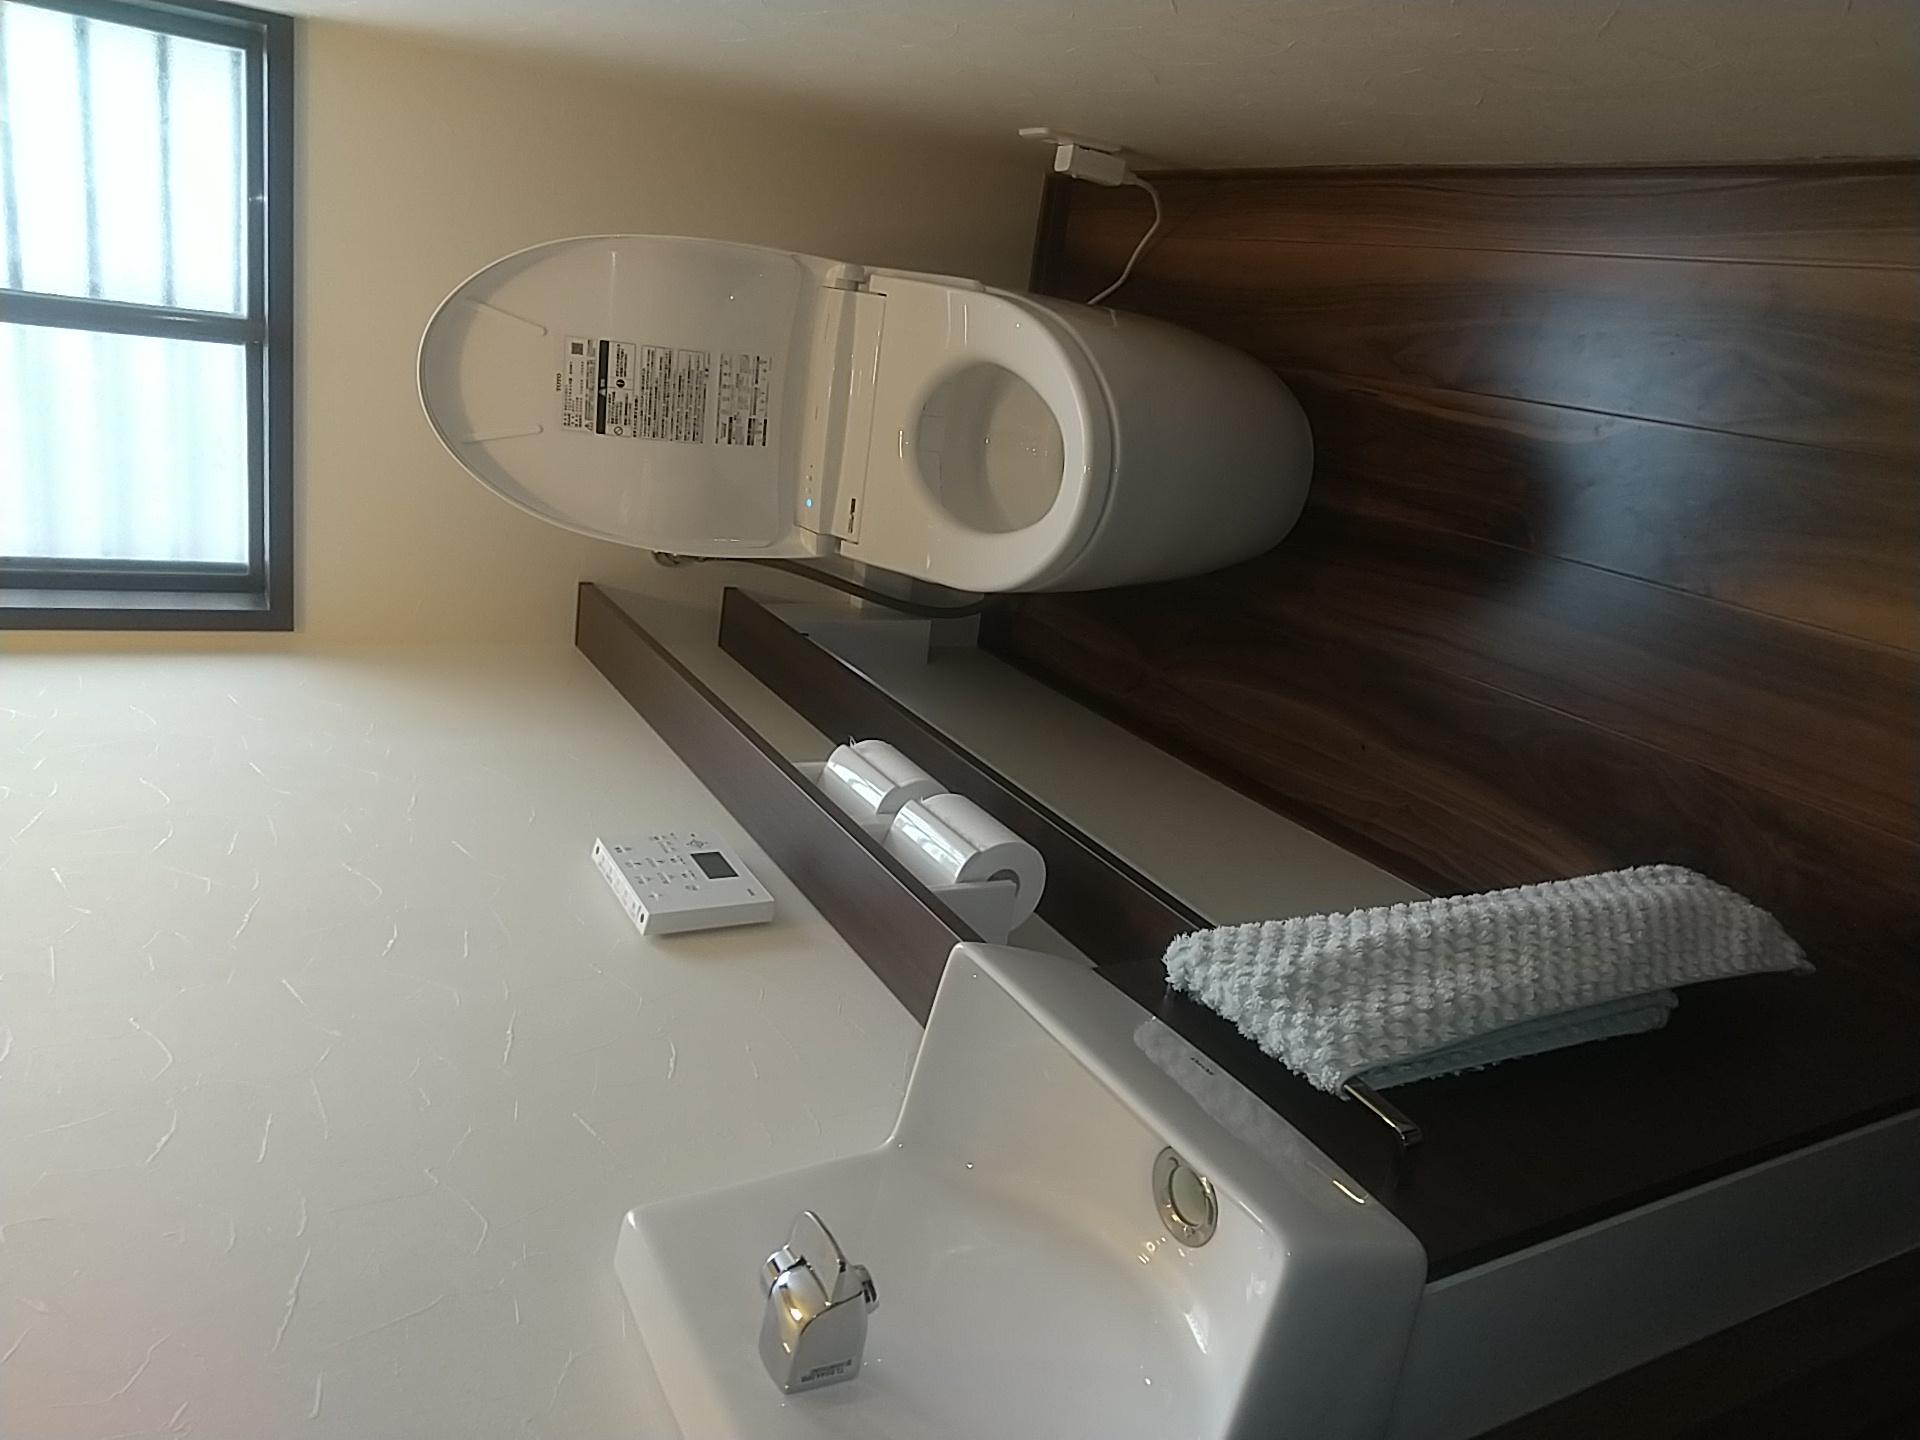 ワンデイリモデル タンクレストイレ完成しました!